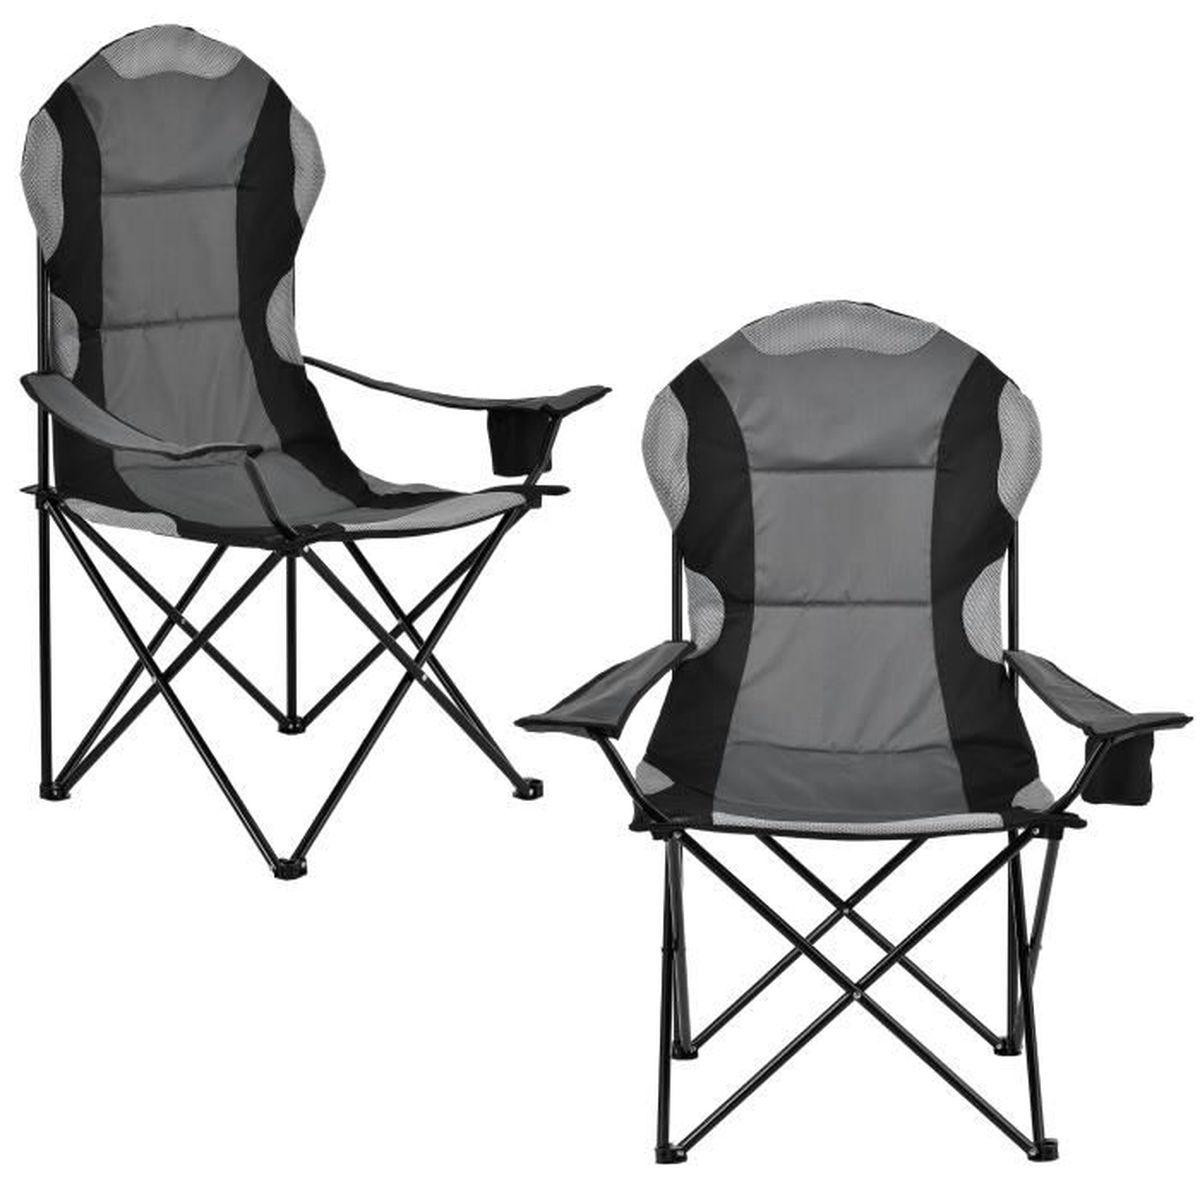 2 Gris Camping Noir Prix Pliante Kit En Pas Yv8n0pnowm Chaise Cher De qVGMLSUpz